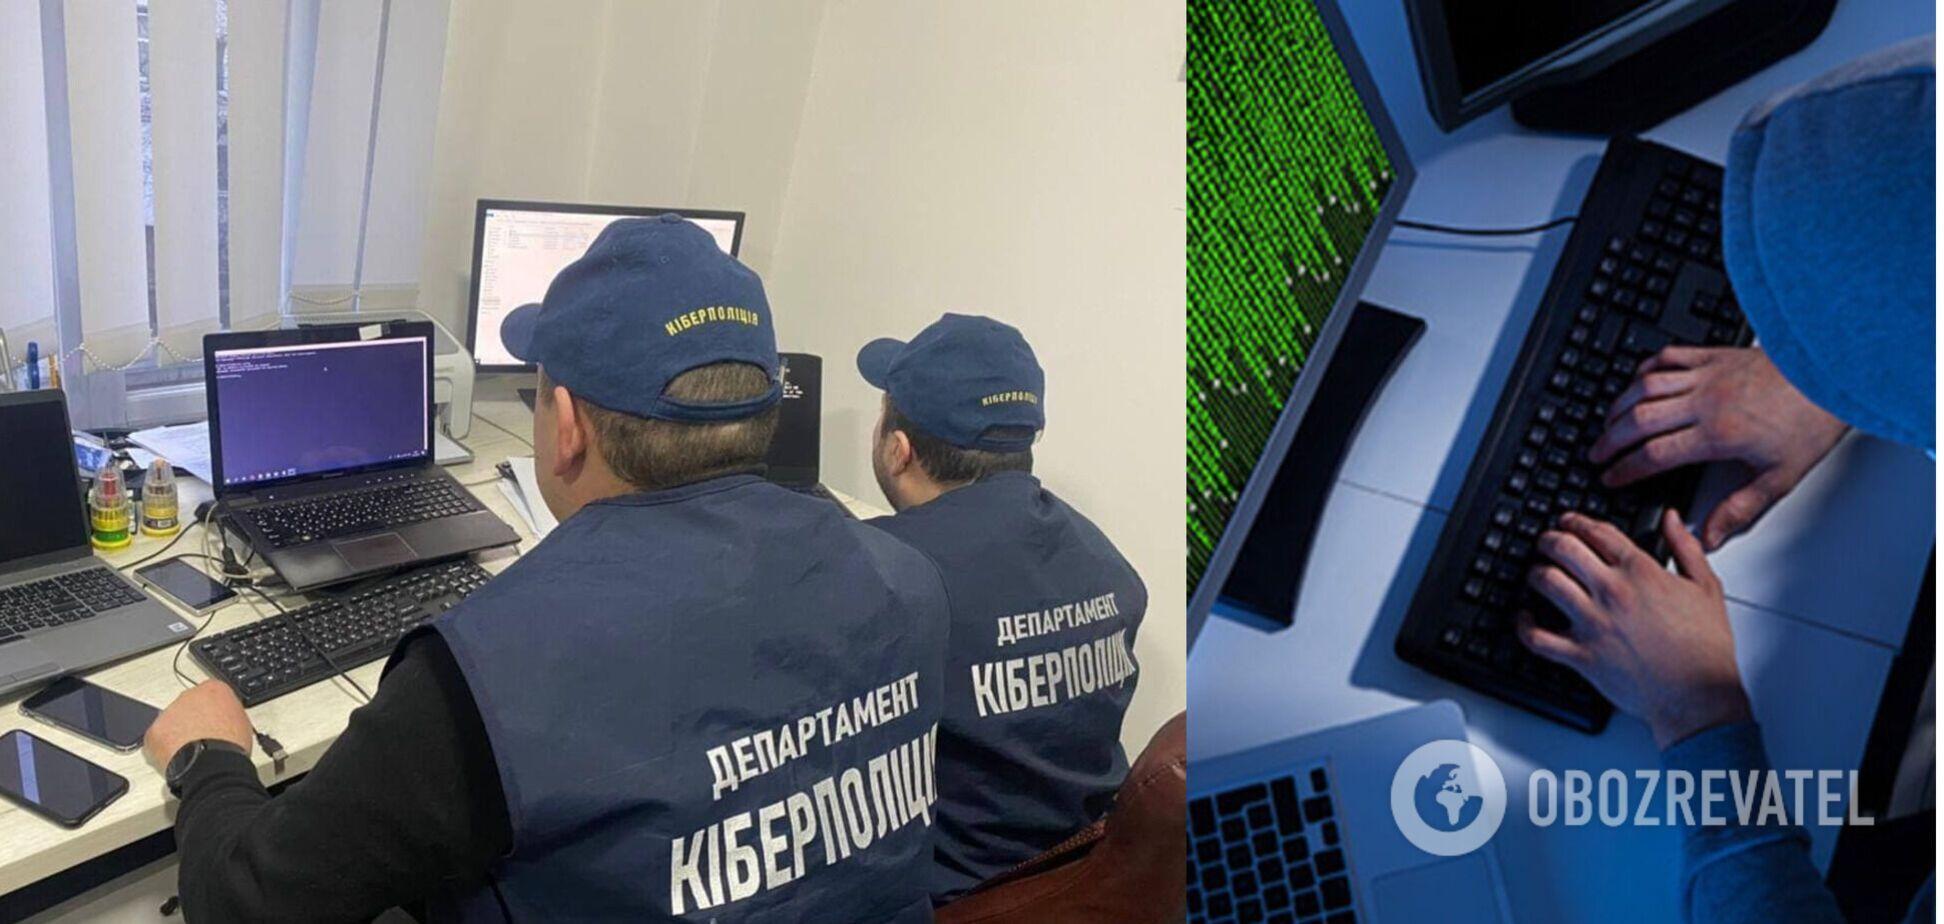 На Прикарпатье поймали хакеров, укравших со счетов компании более 1 млн грн